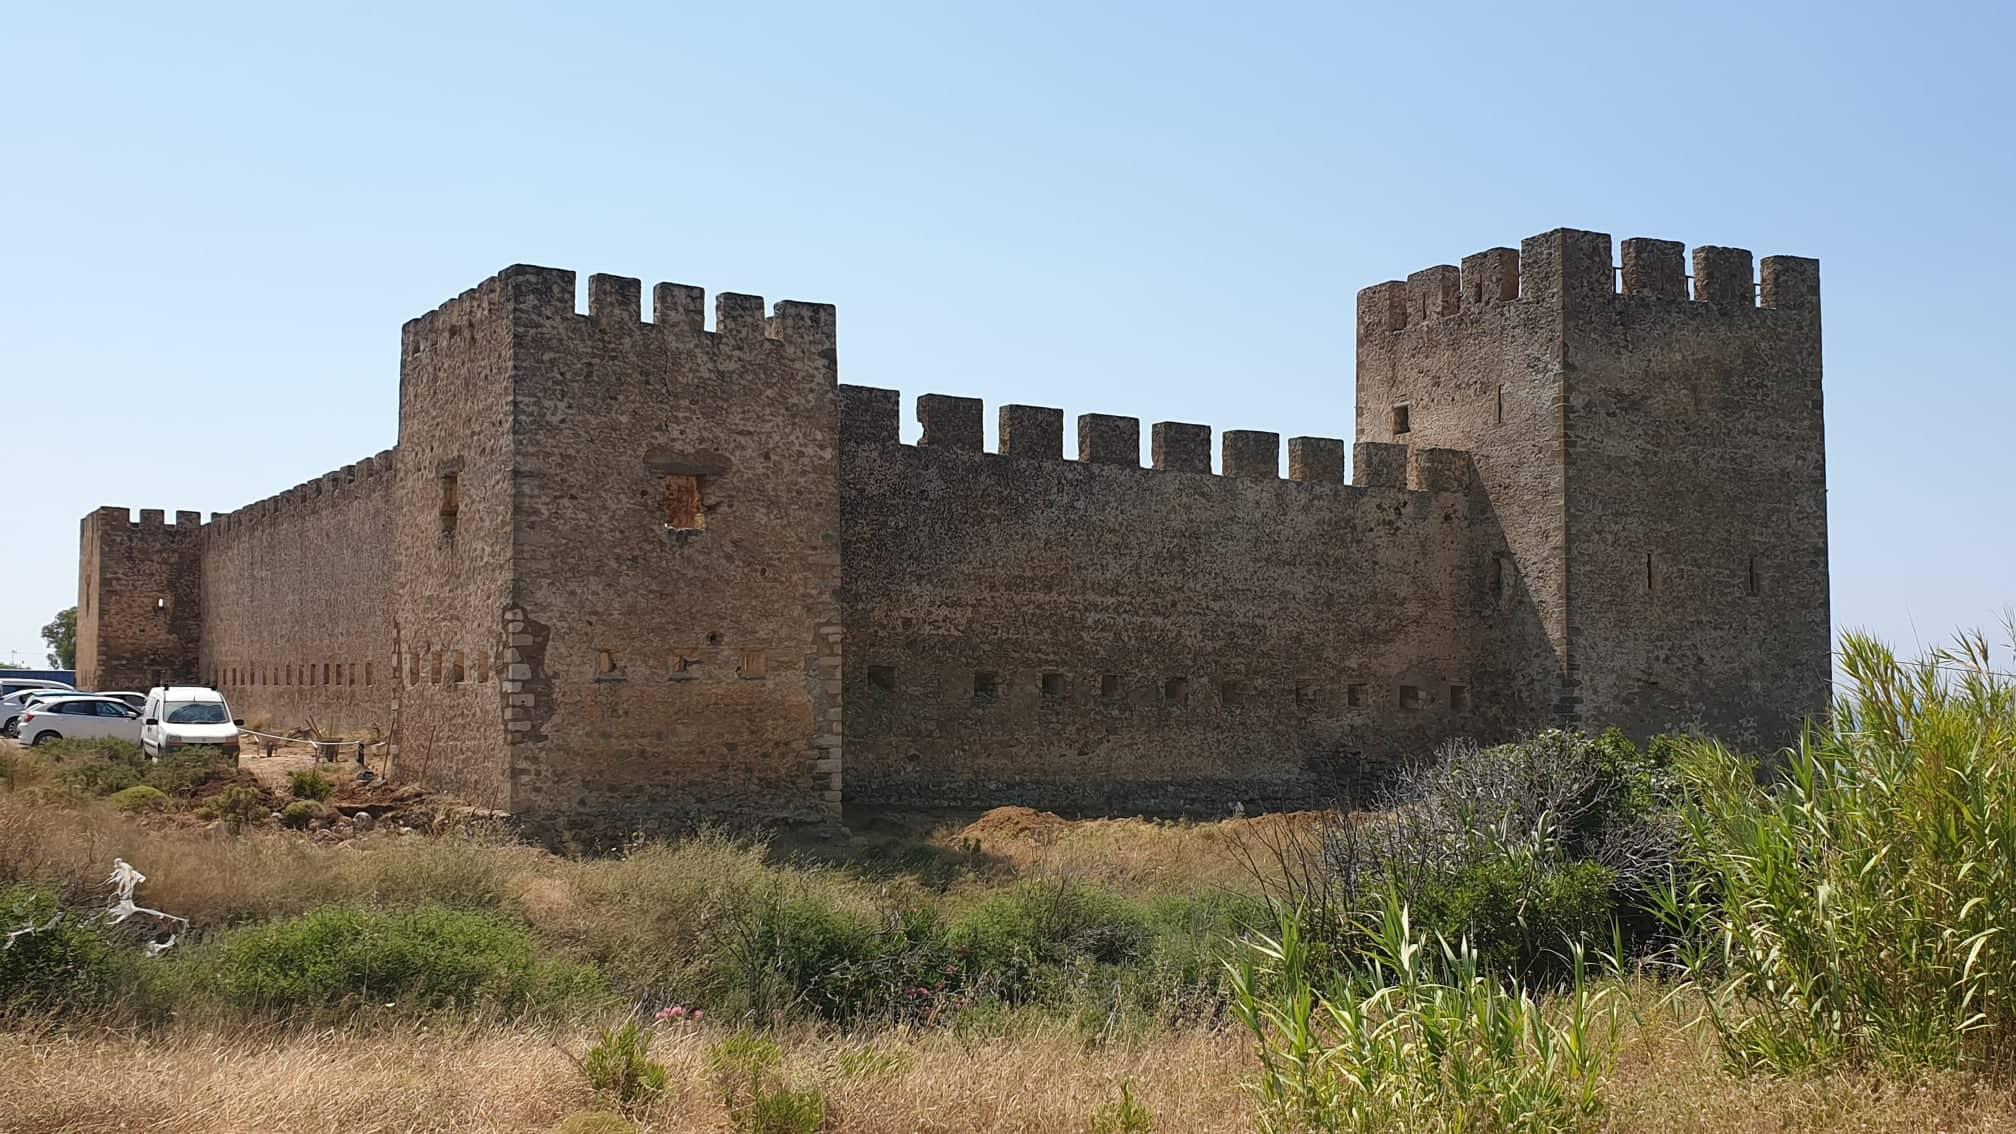 Έργα προστασίας και ανάδειξης της πολιτιστικής κληρονομιάς στην Περιφέρεια Κρήτης